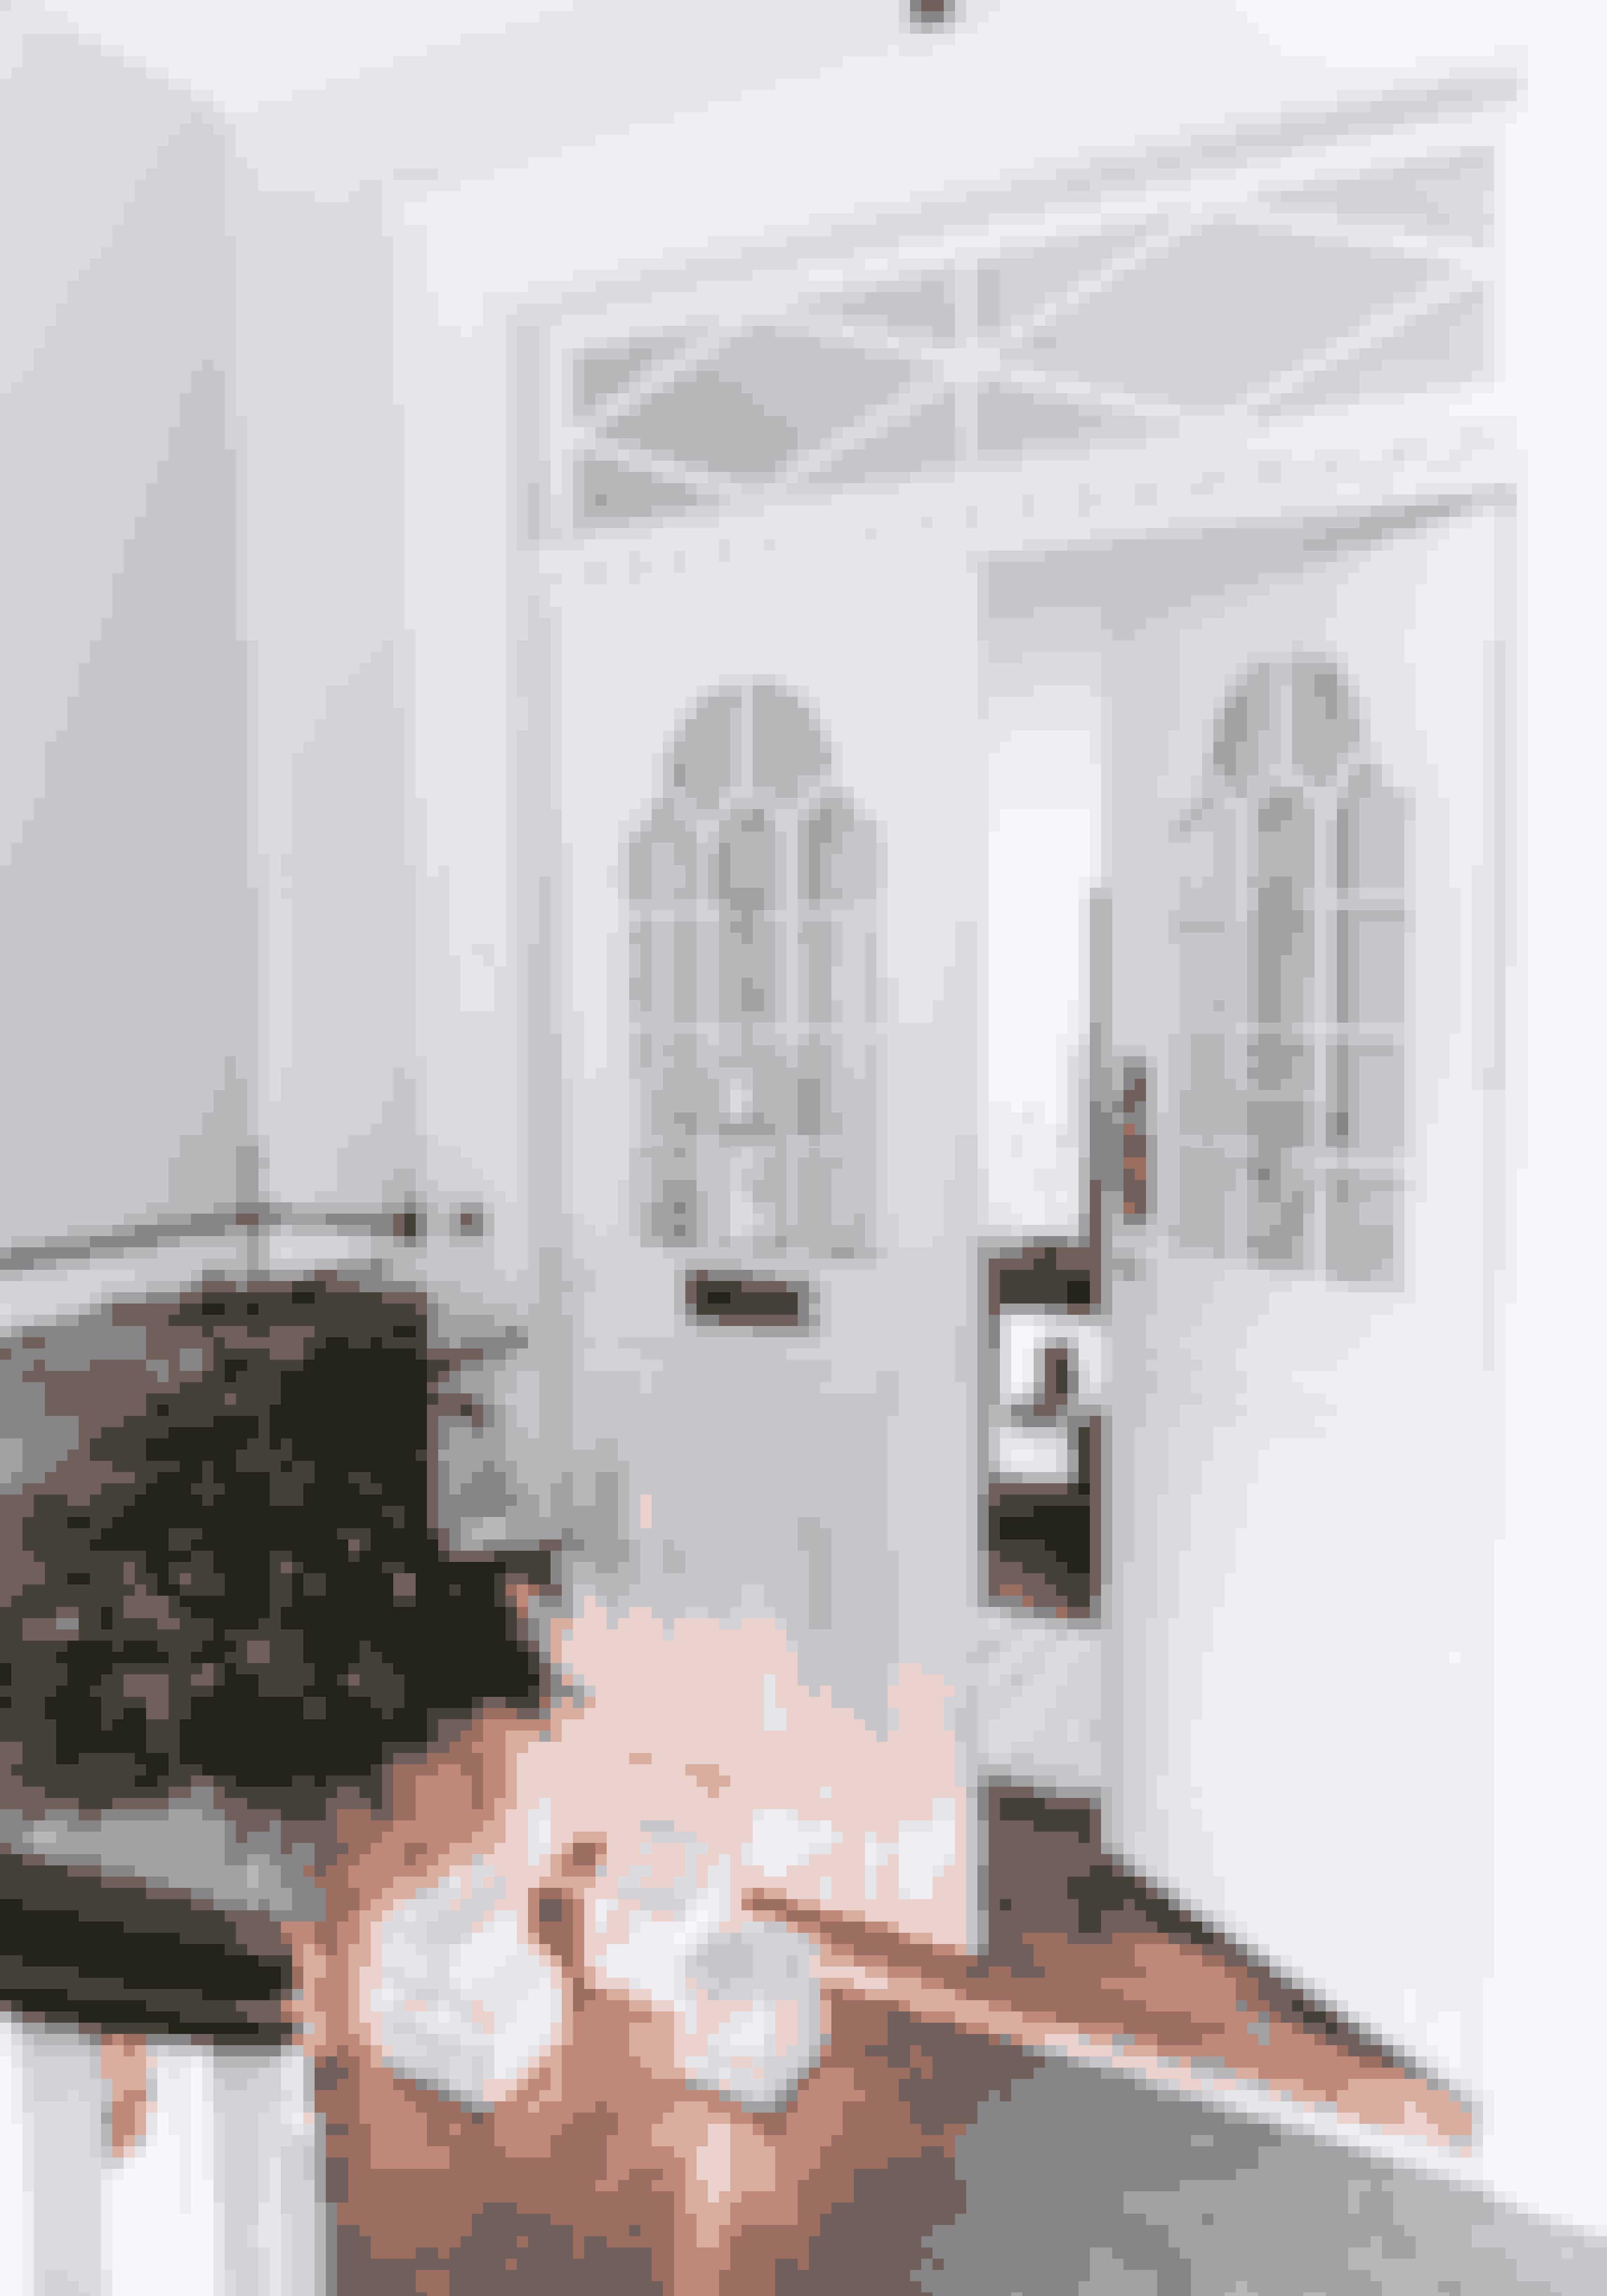 Hvem:Anitta Antonsen og Mikkel Nielsen.Her:Herskabslejlighed på 160 m².Bolig:Stram monokrom indretning med et strejf af Marokko.Julestemning på utraditionel vis